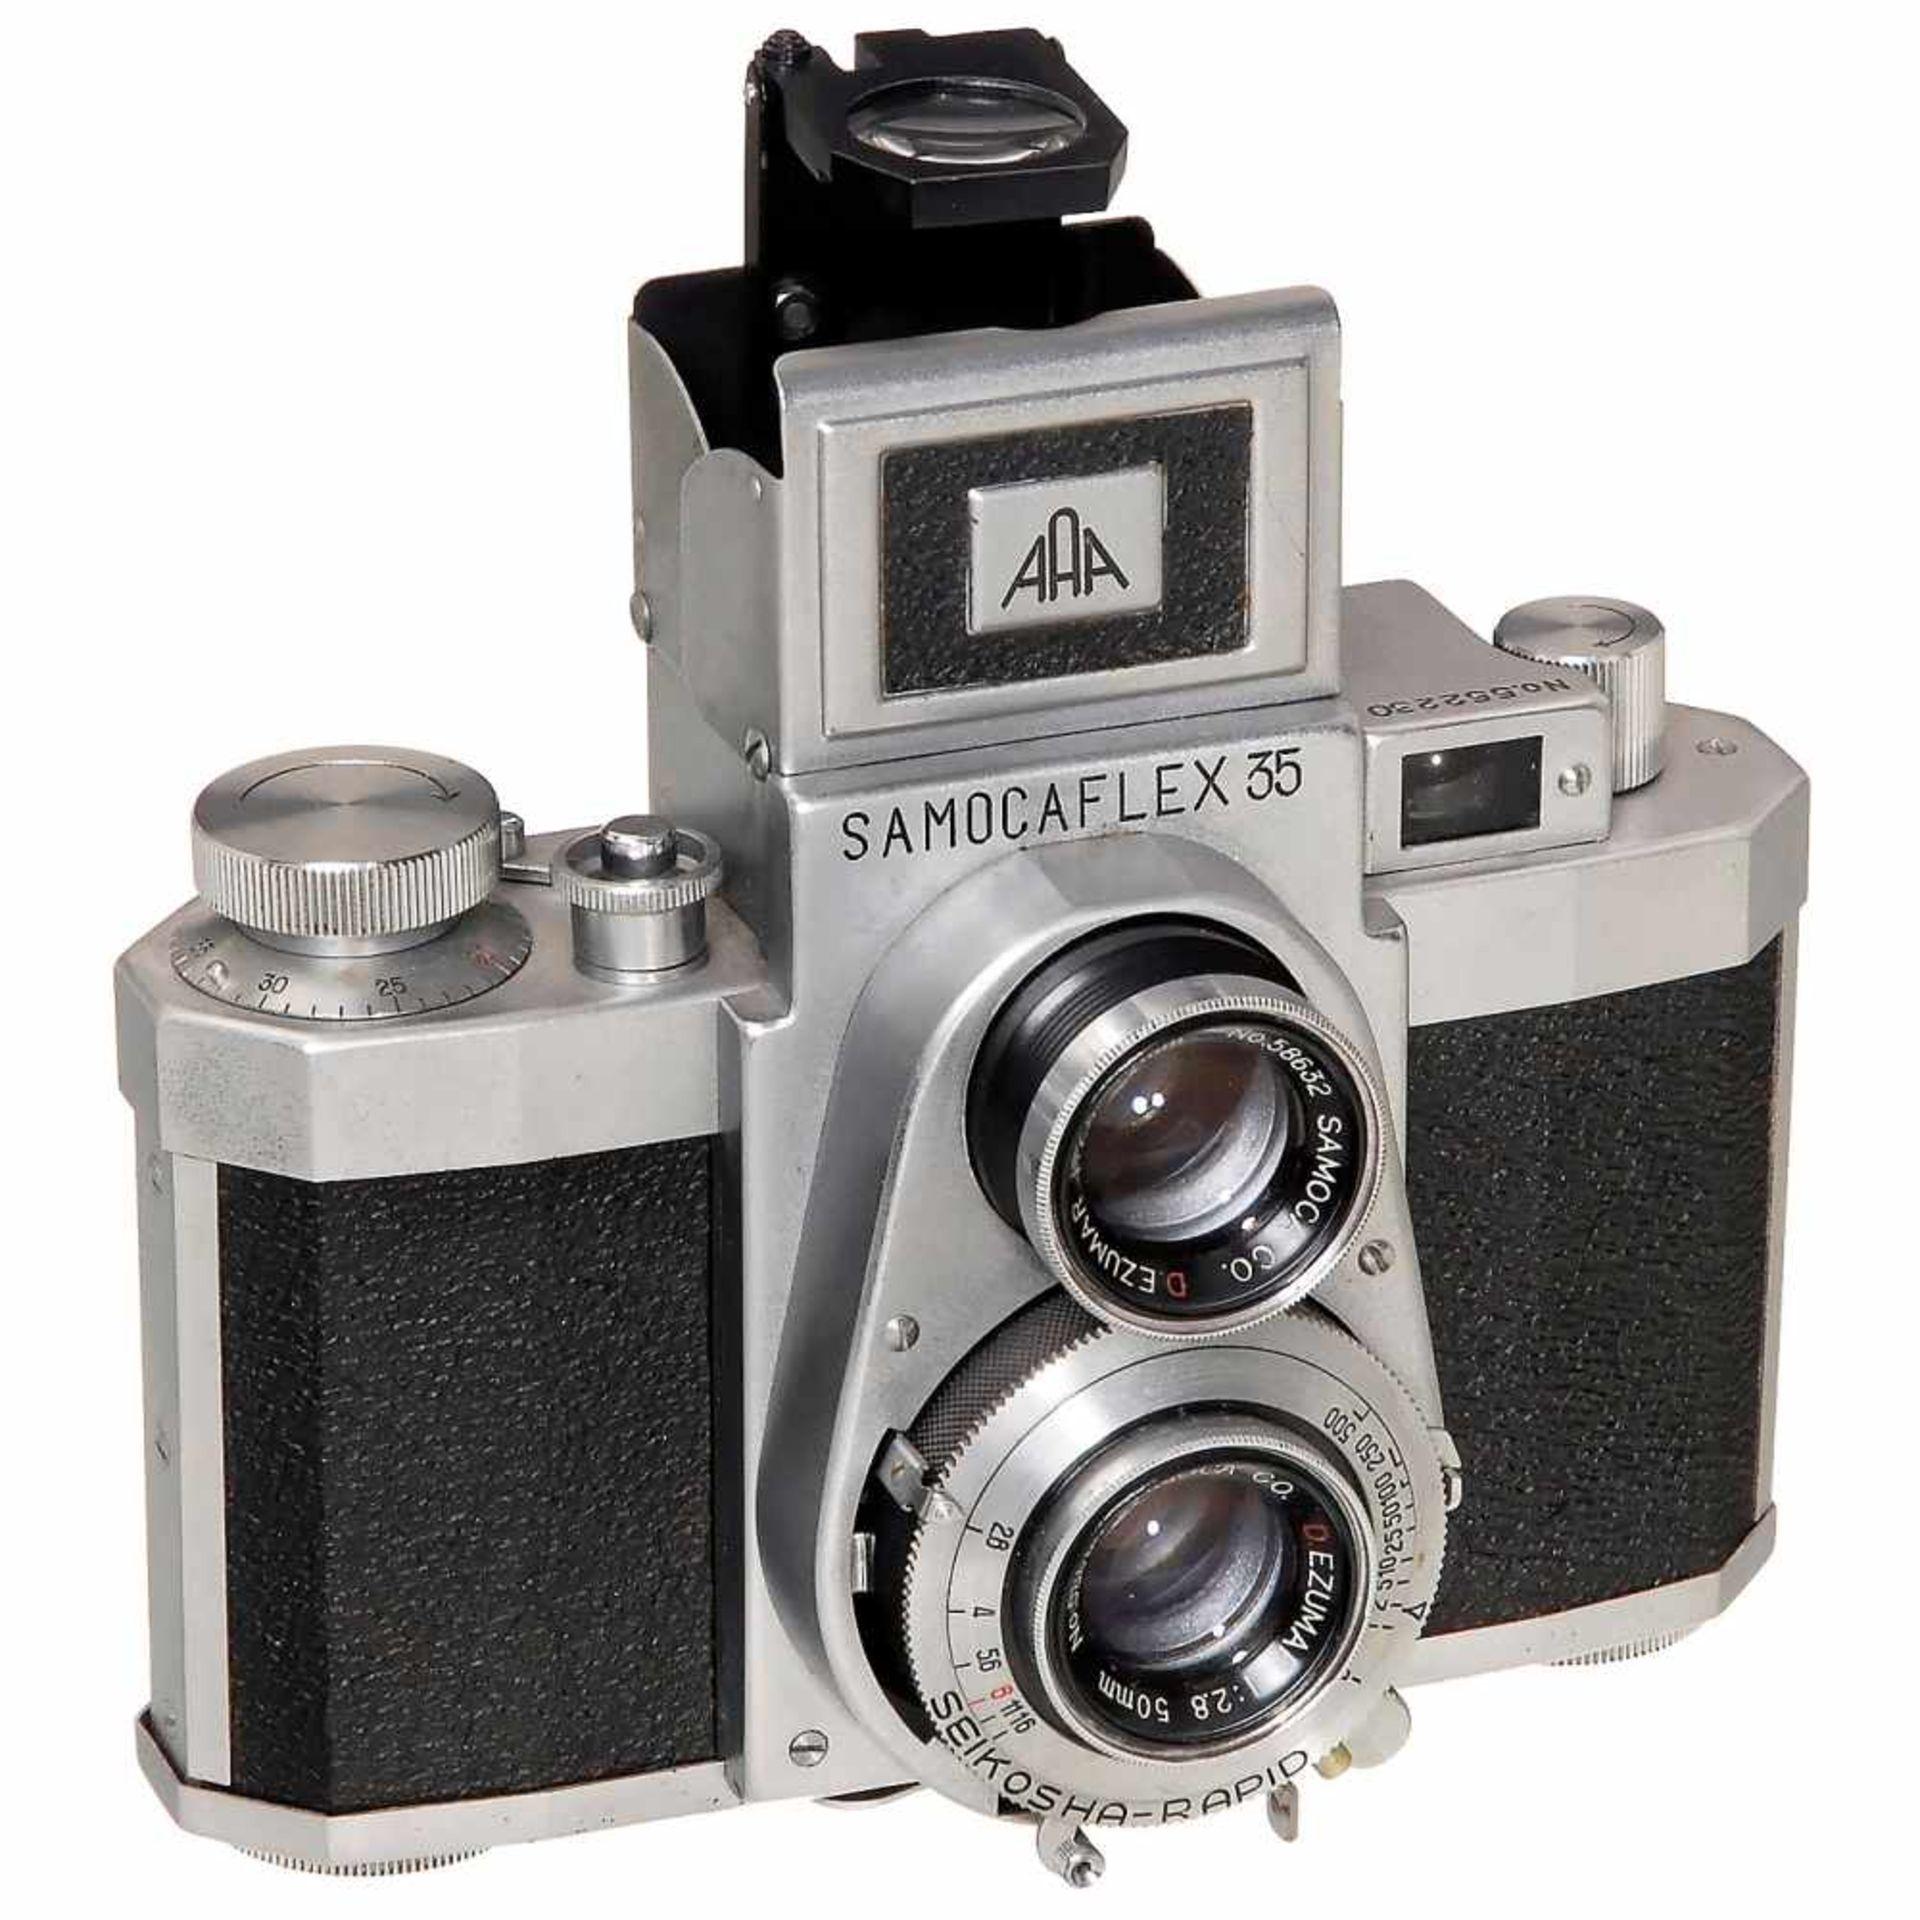 Samocaflex 35, c. 1955Sanei Sangyo, Japan. TLR camera for 35mm film, size 24 x 36 mm, No. 552230,